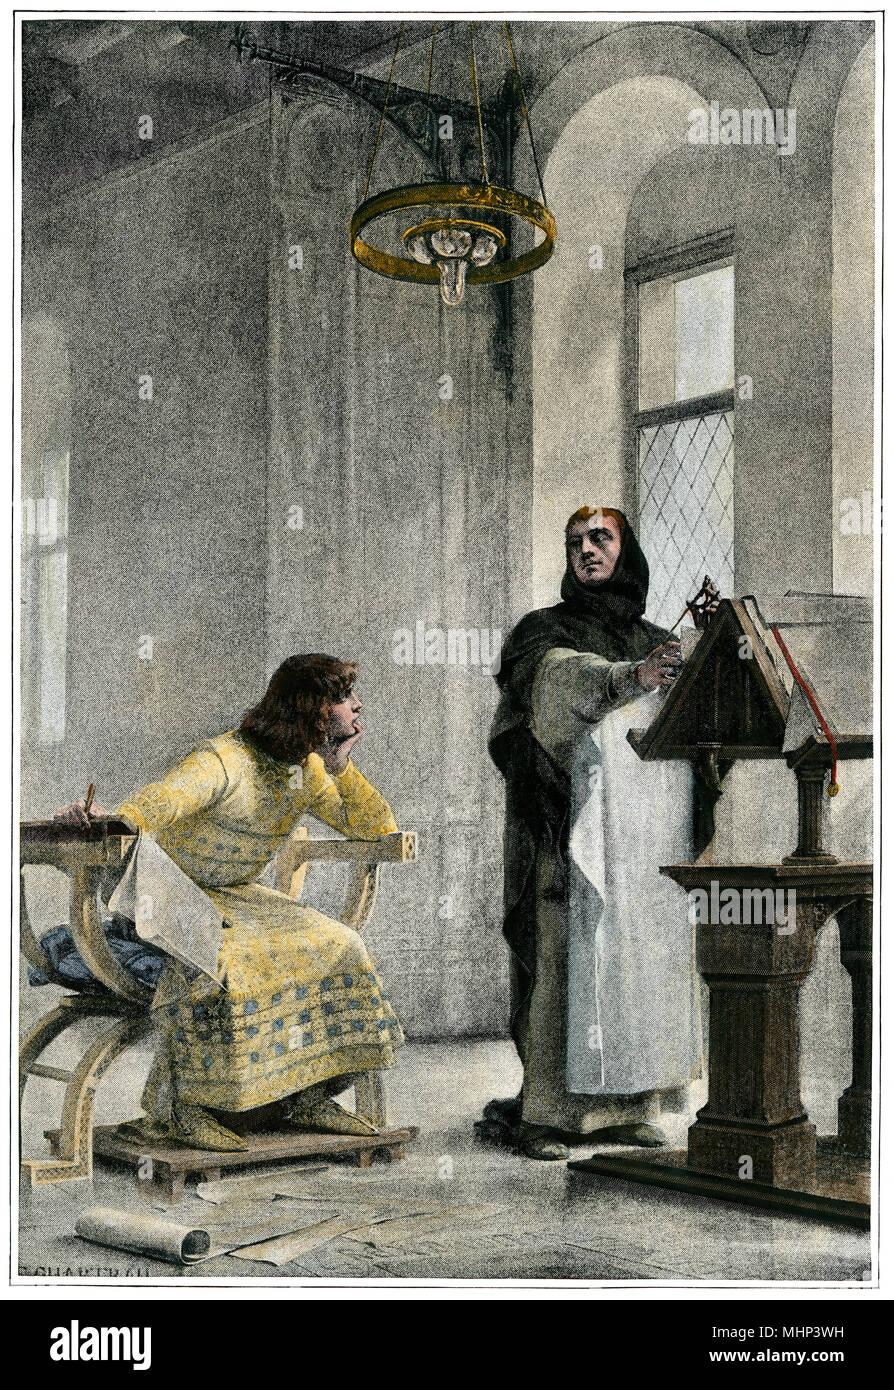 La educación de Luis IX (San Luis), rey de Francia. Mano de color halftone de ilustración. Foto de stock